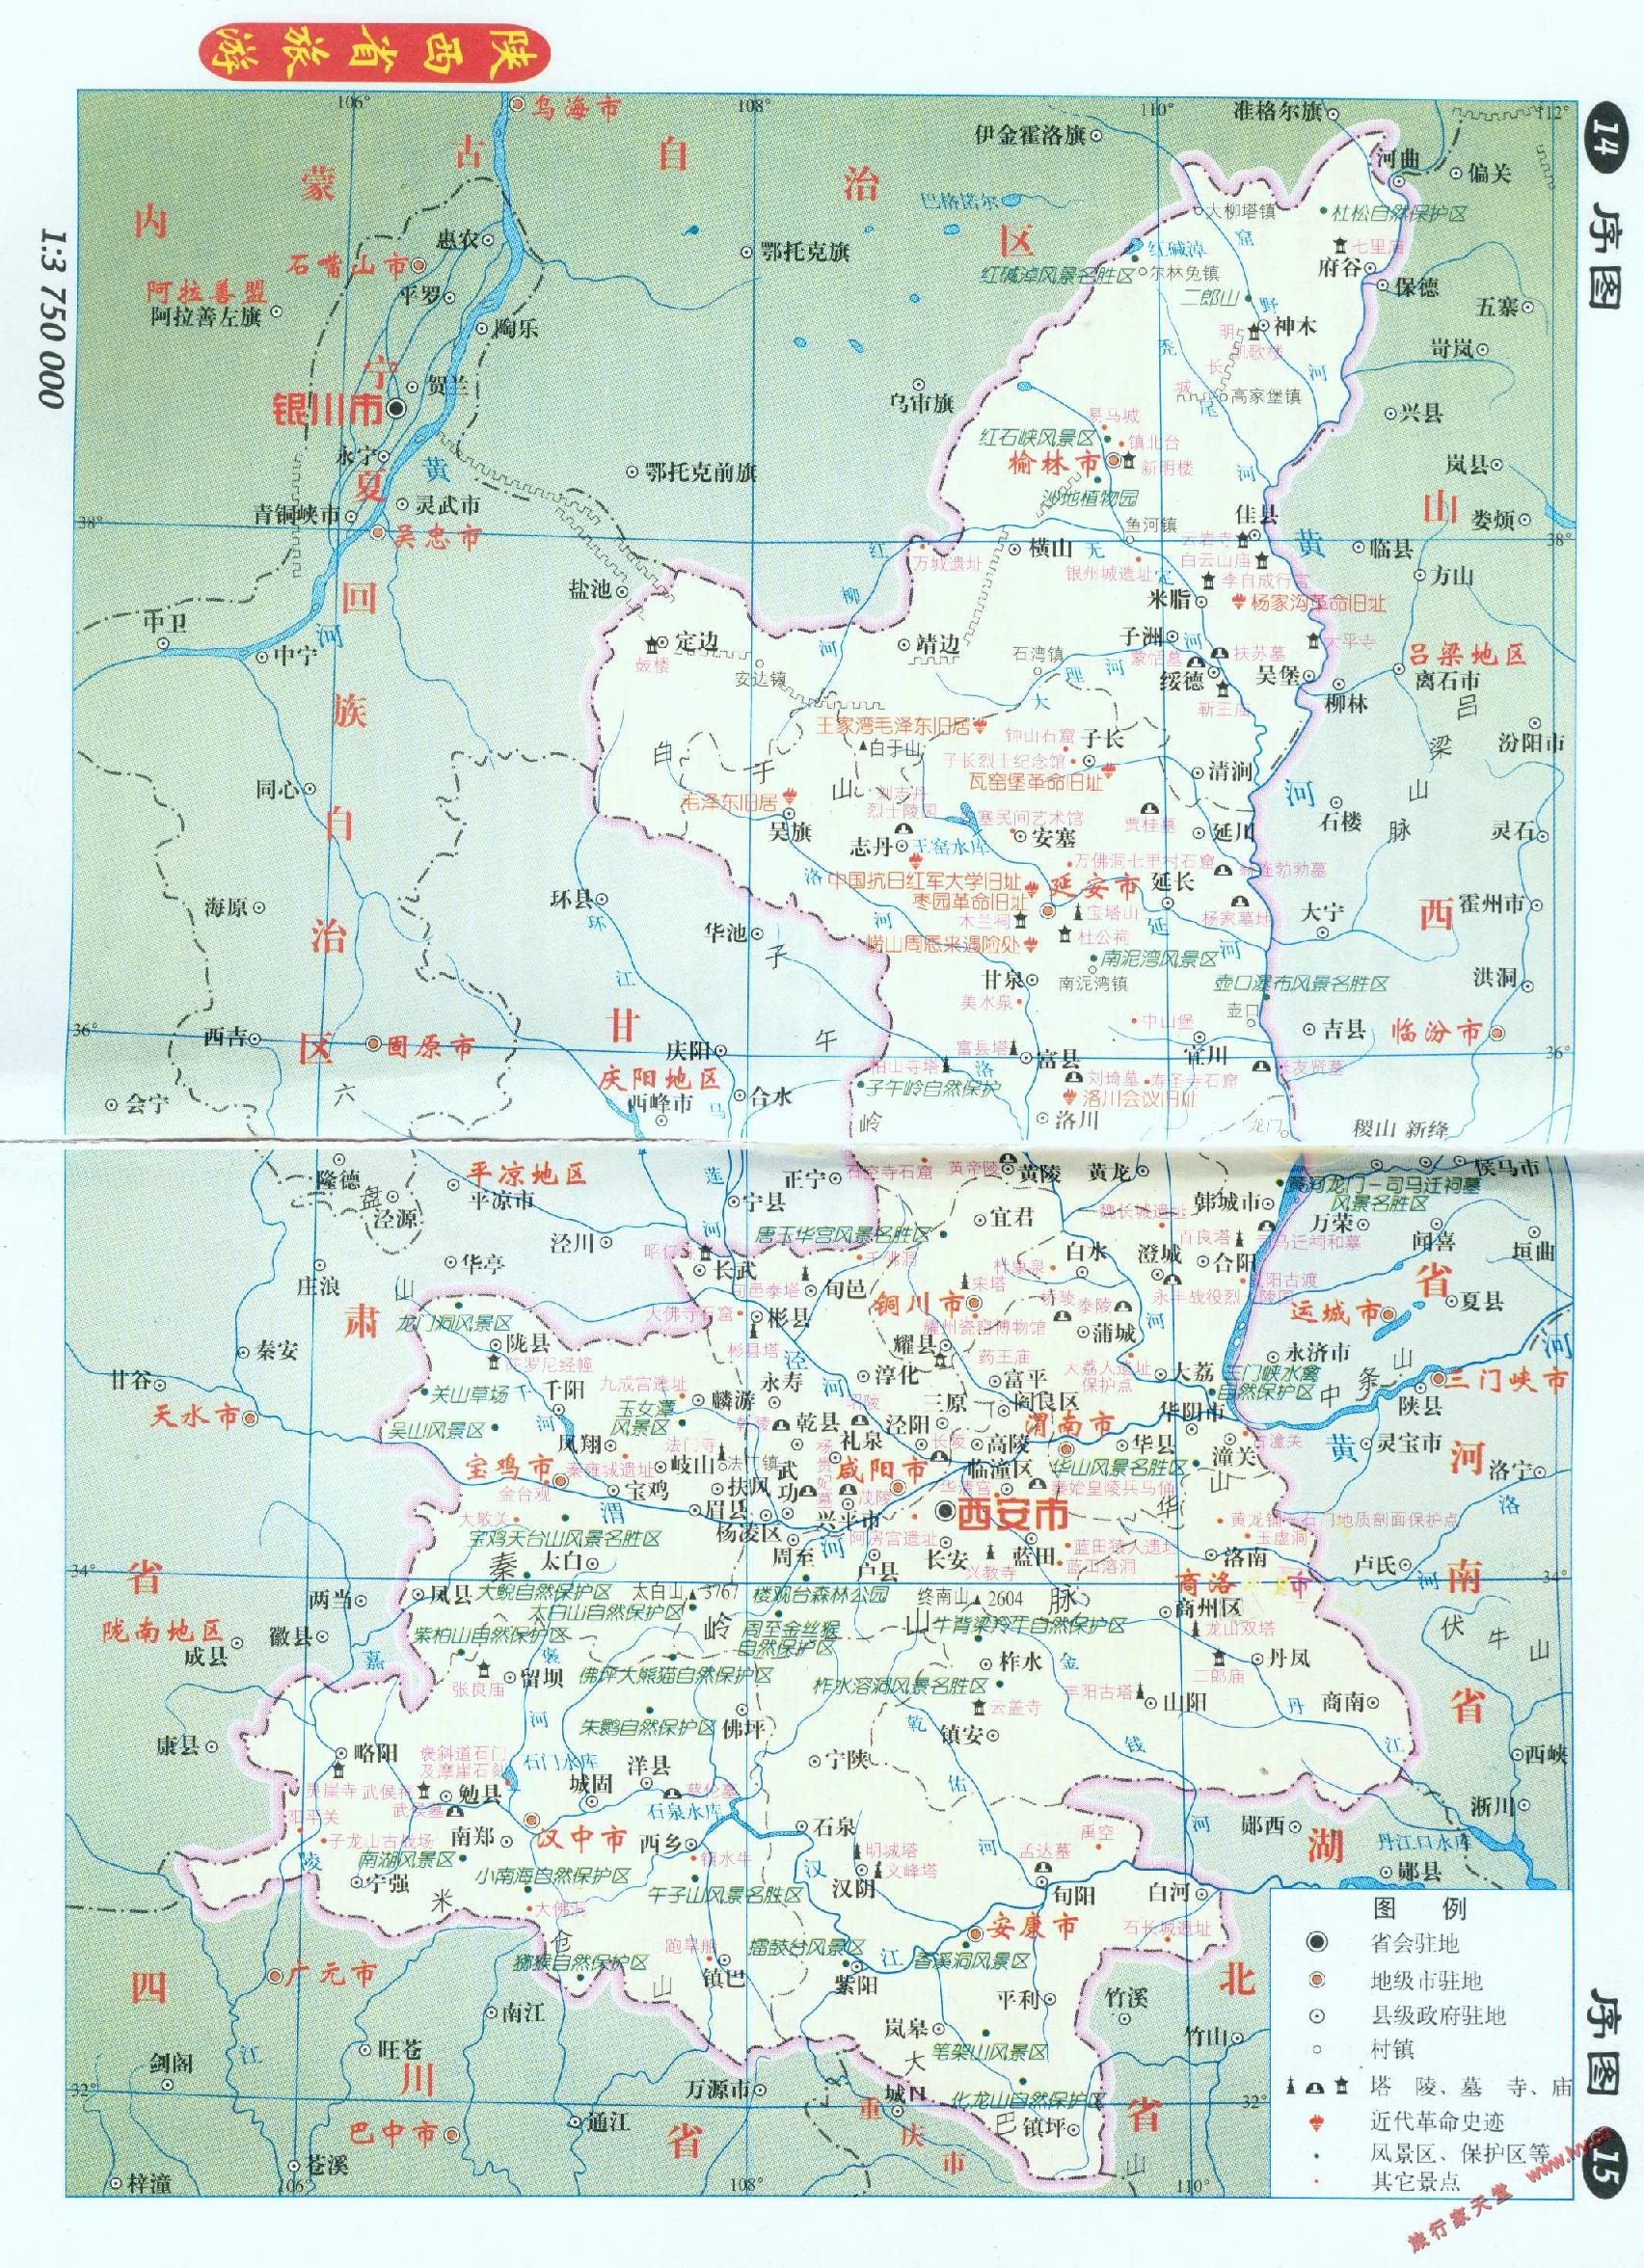 陕西旅游地图全图高清版_陕西旅游景点地图